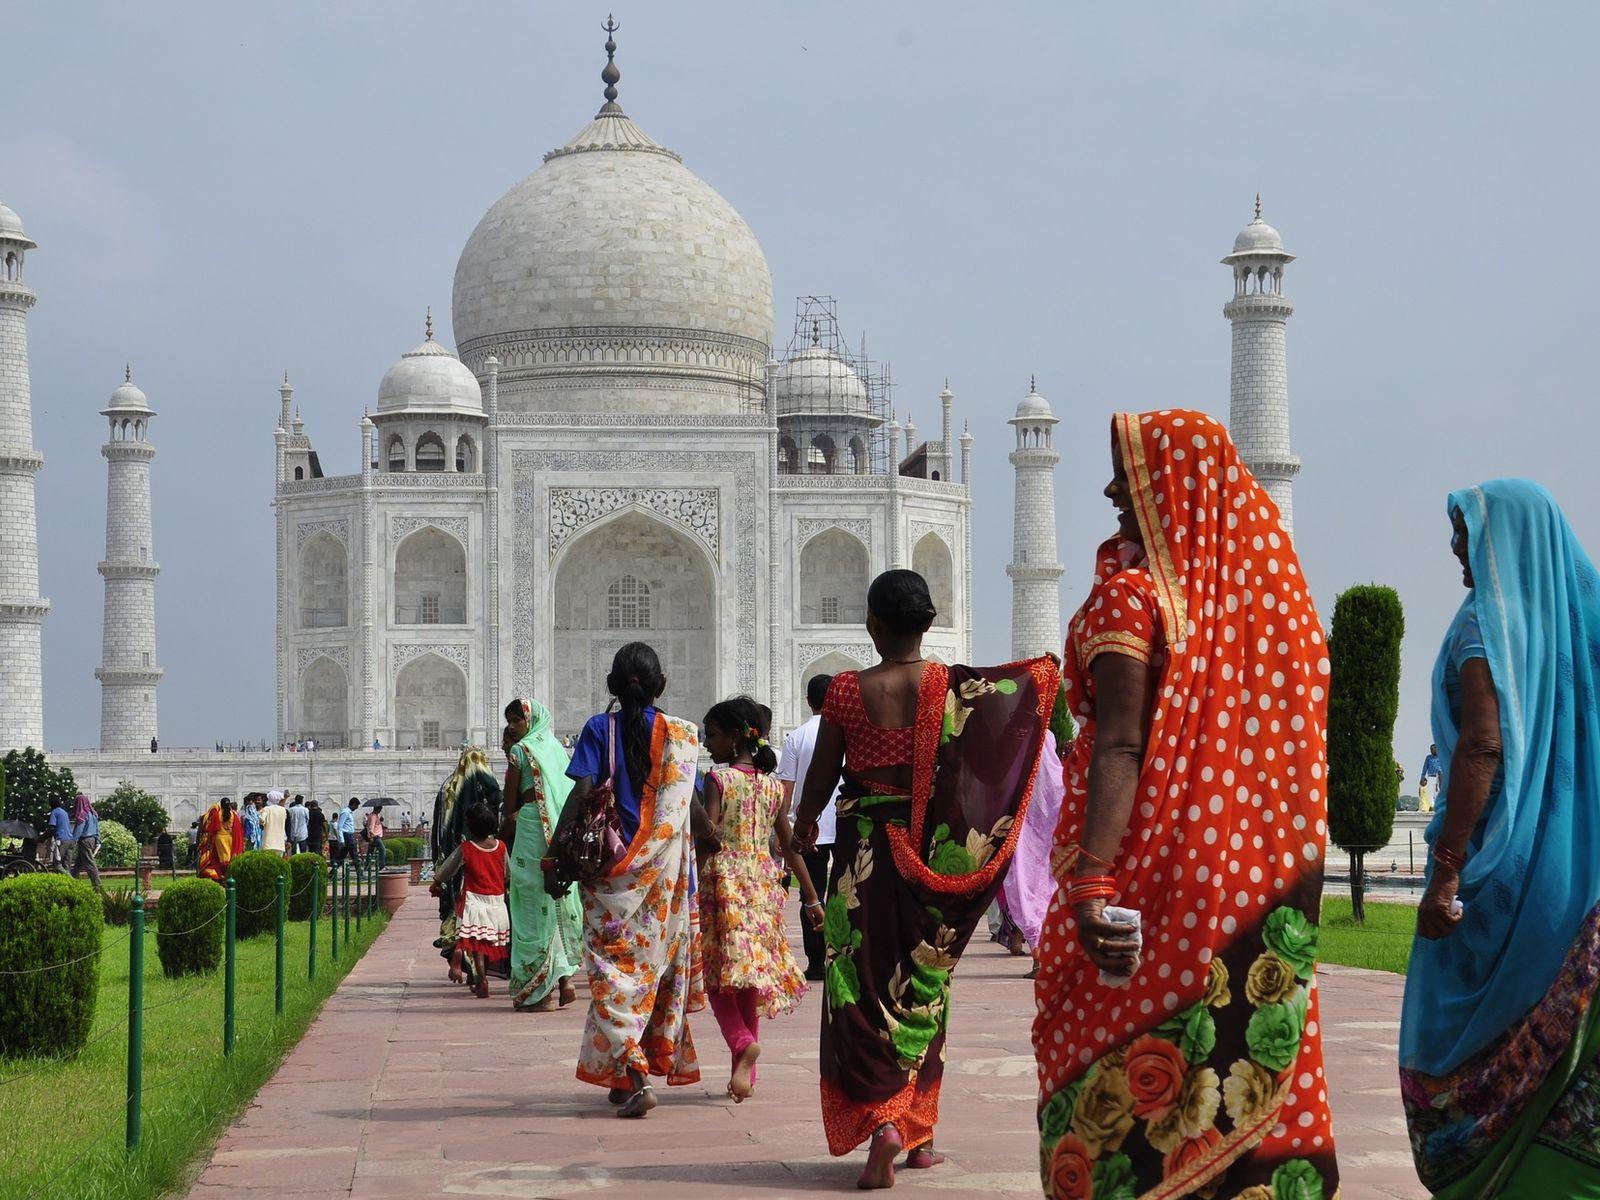 Taj Mahal virtual tour, locals walking toward the Taj Mahal